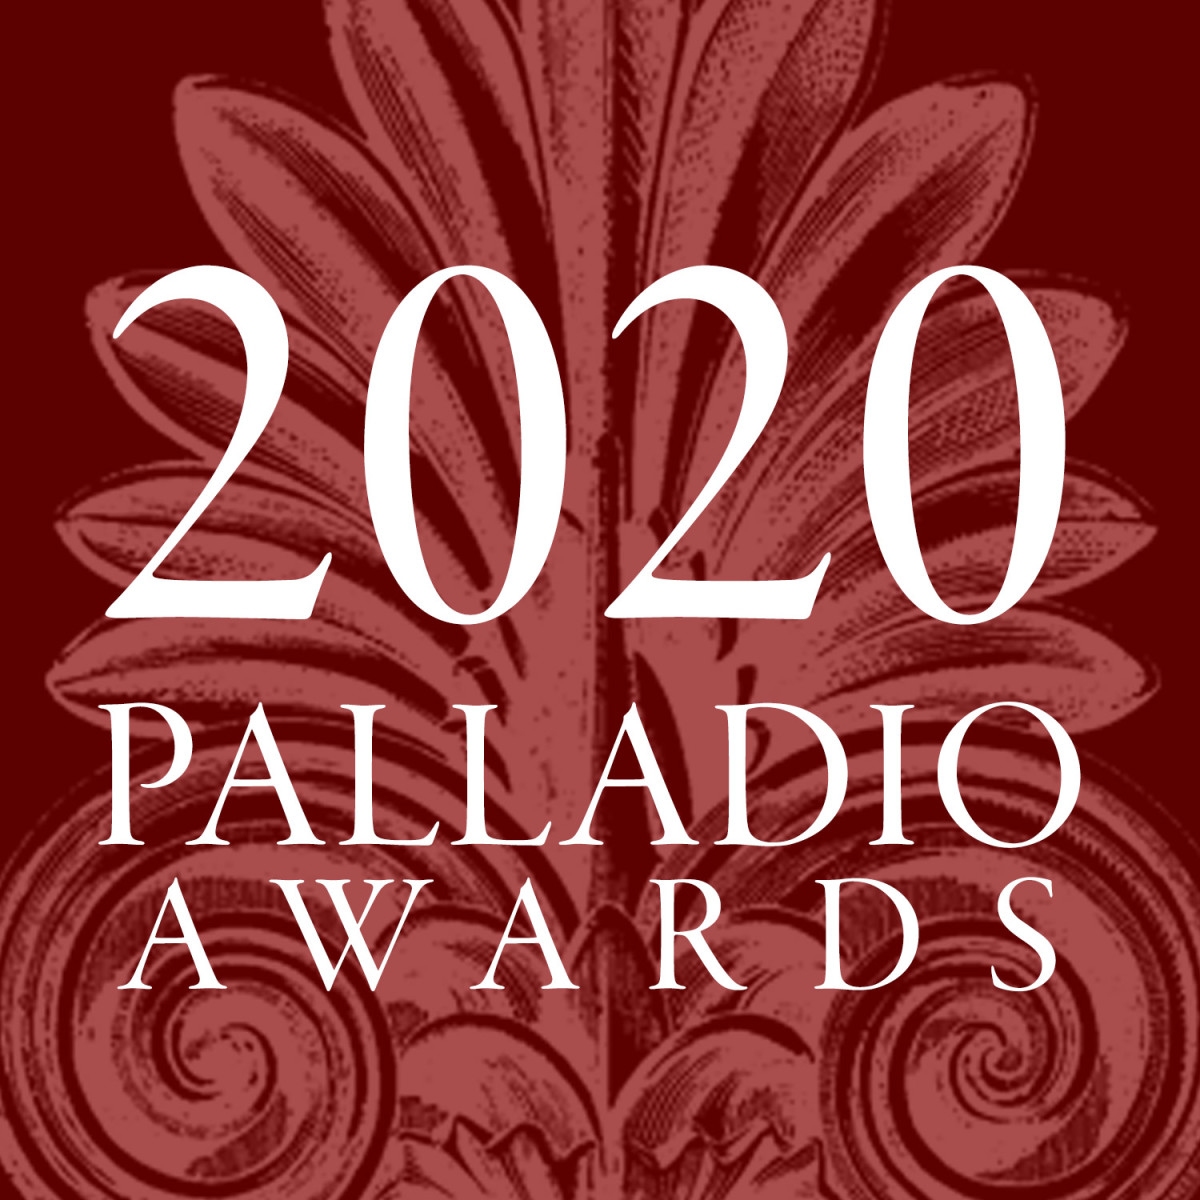 Palladio Award, pa